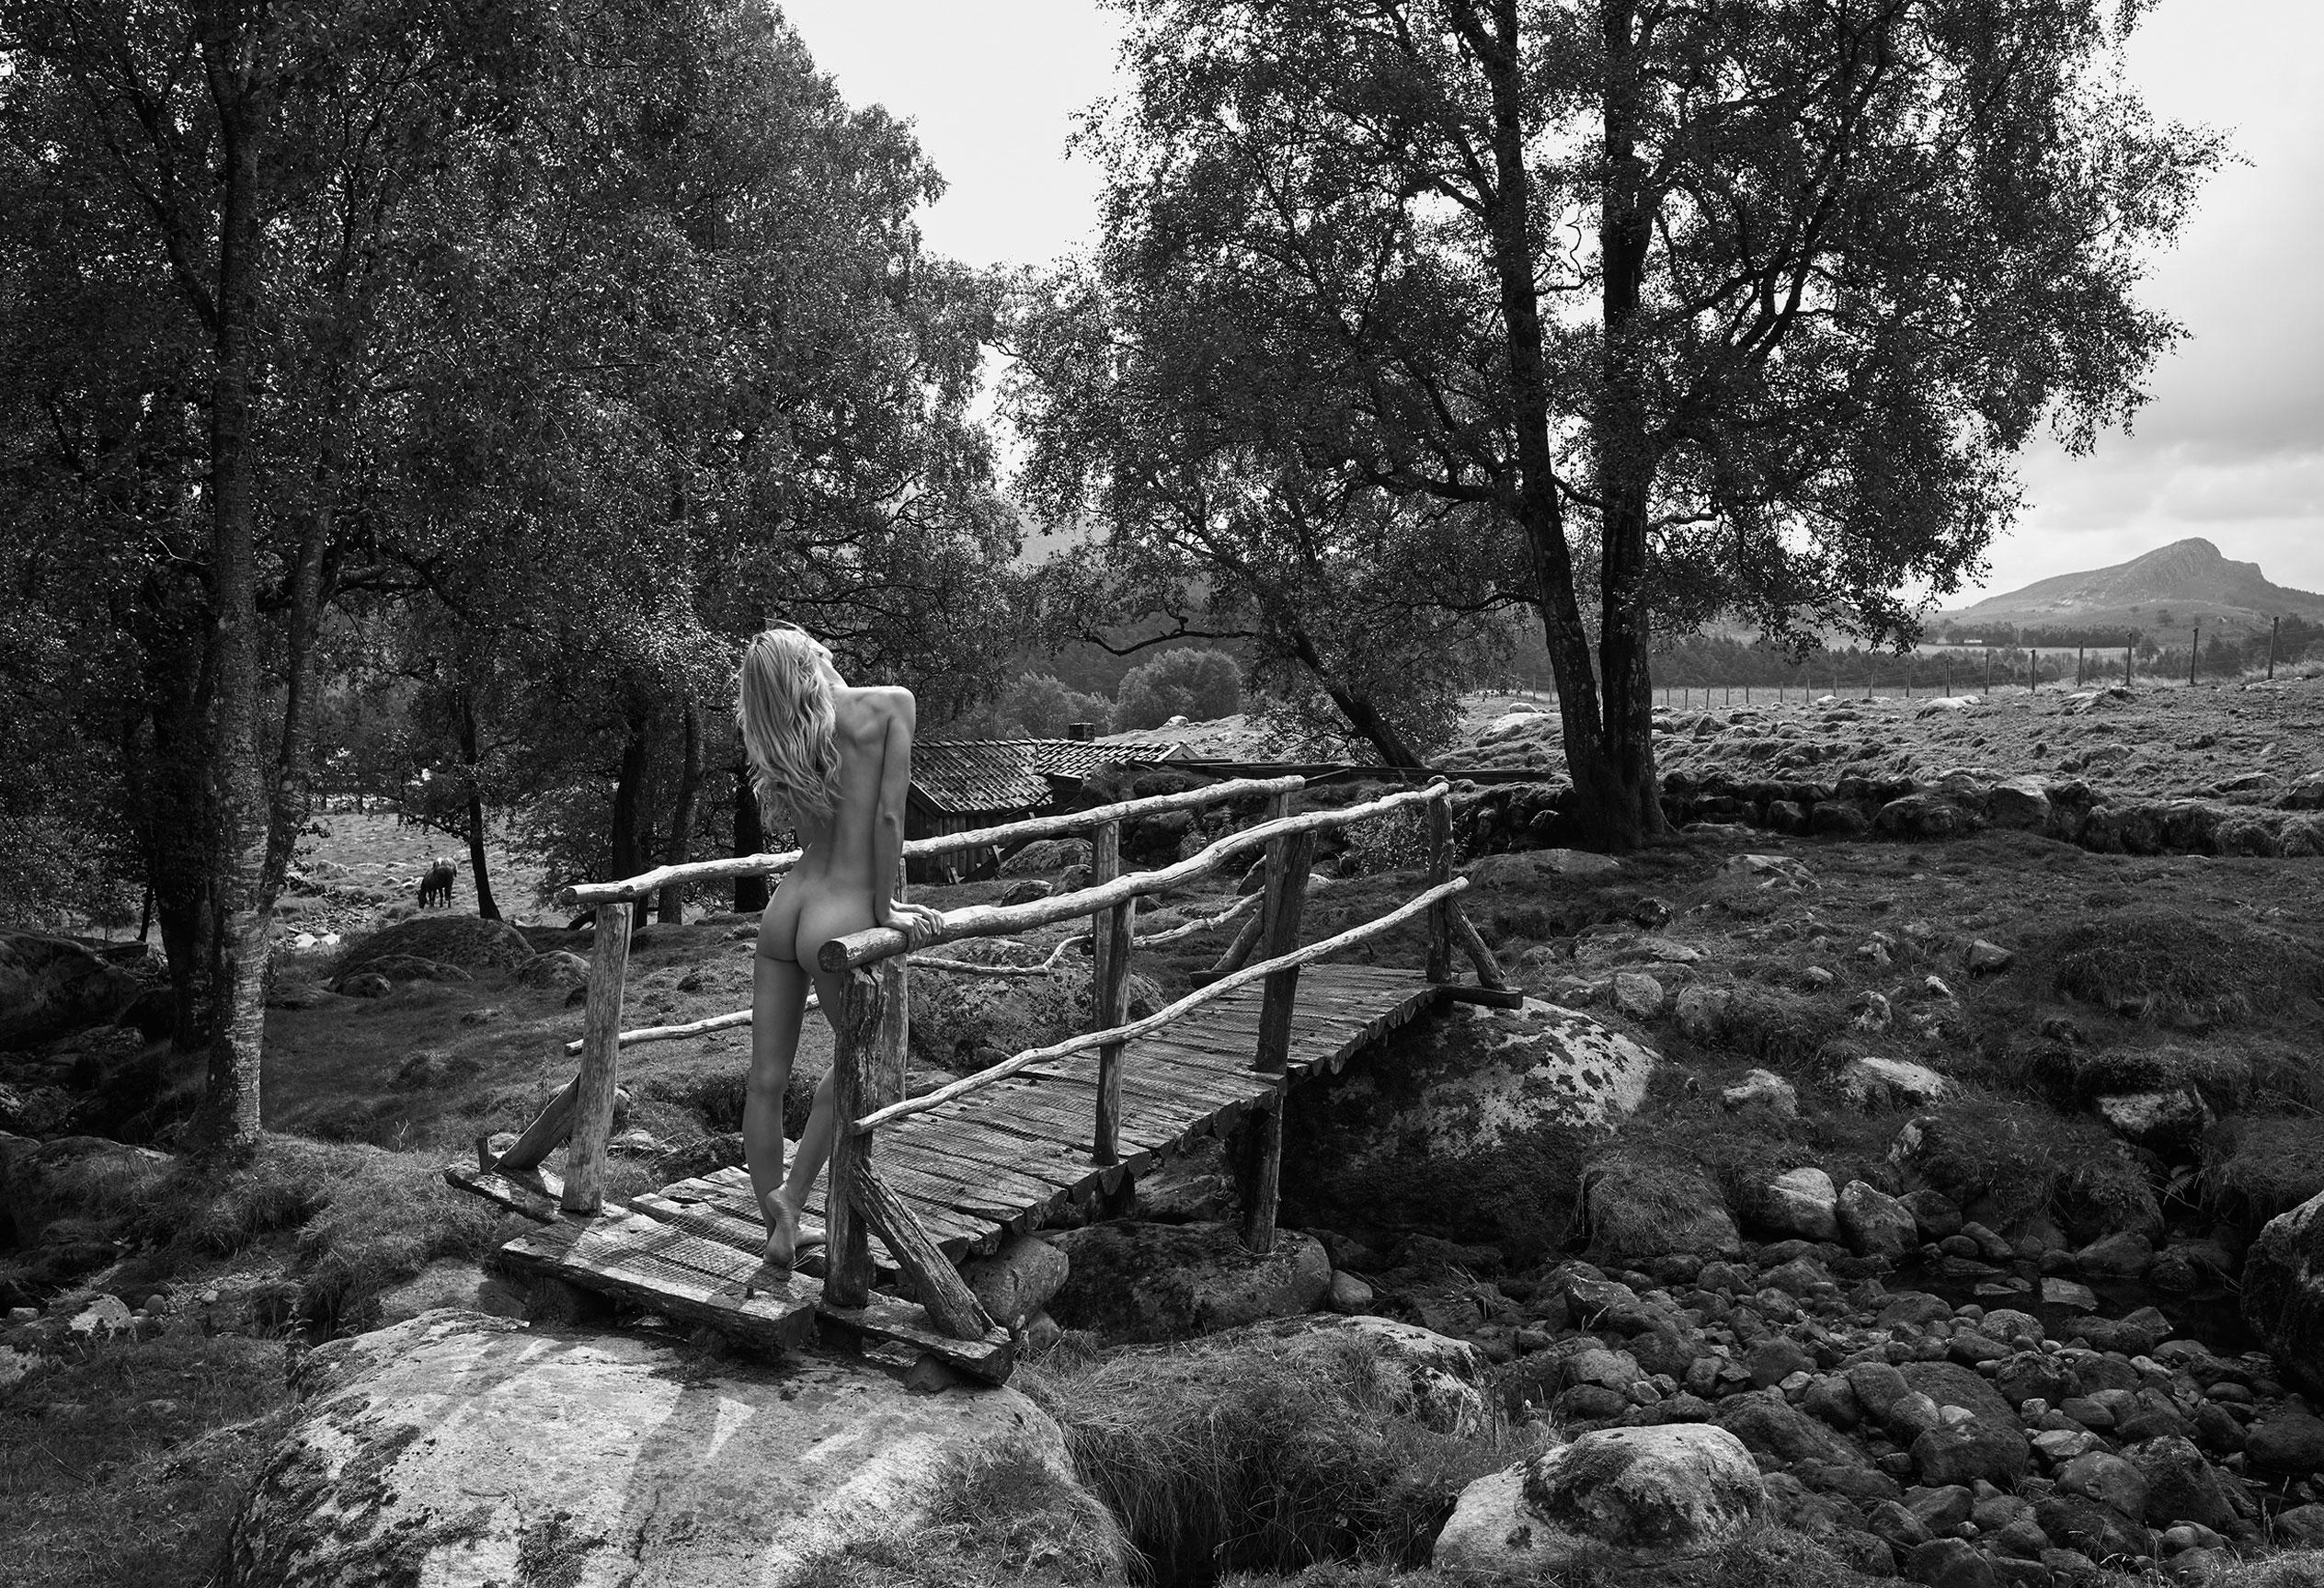 эротический календарь 12 чудес природы / Норвегия 2018 / фото 07